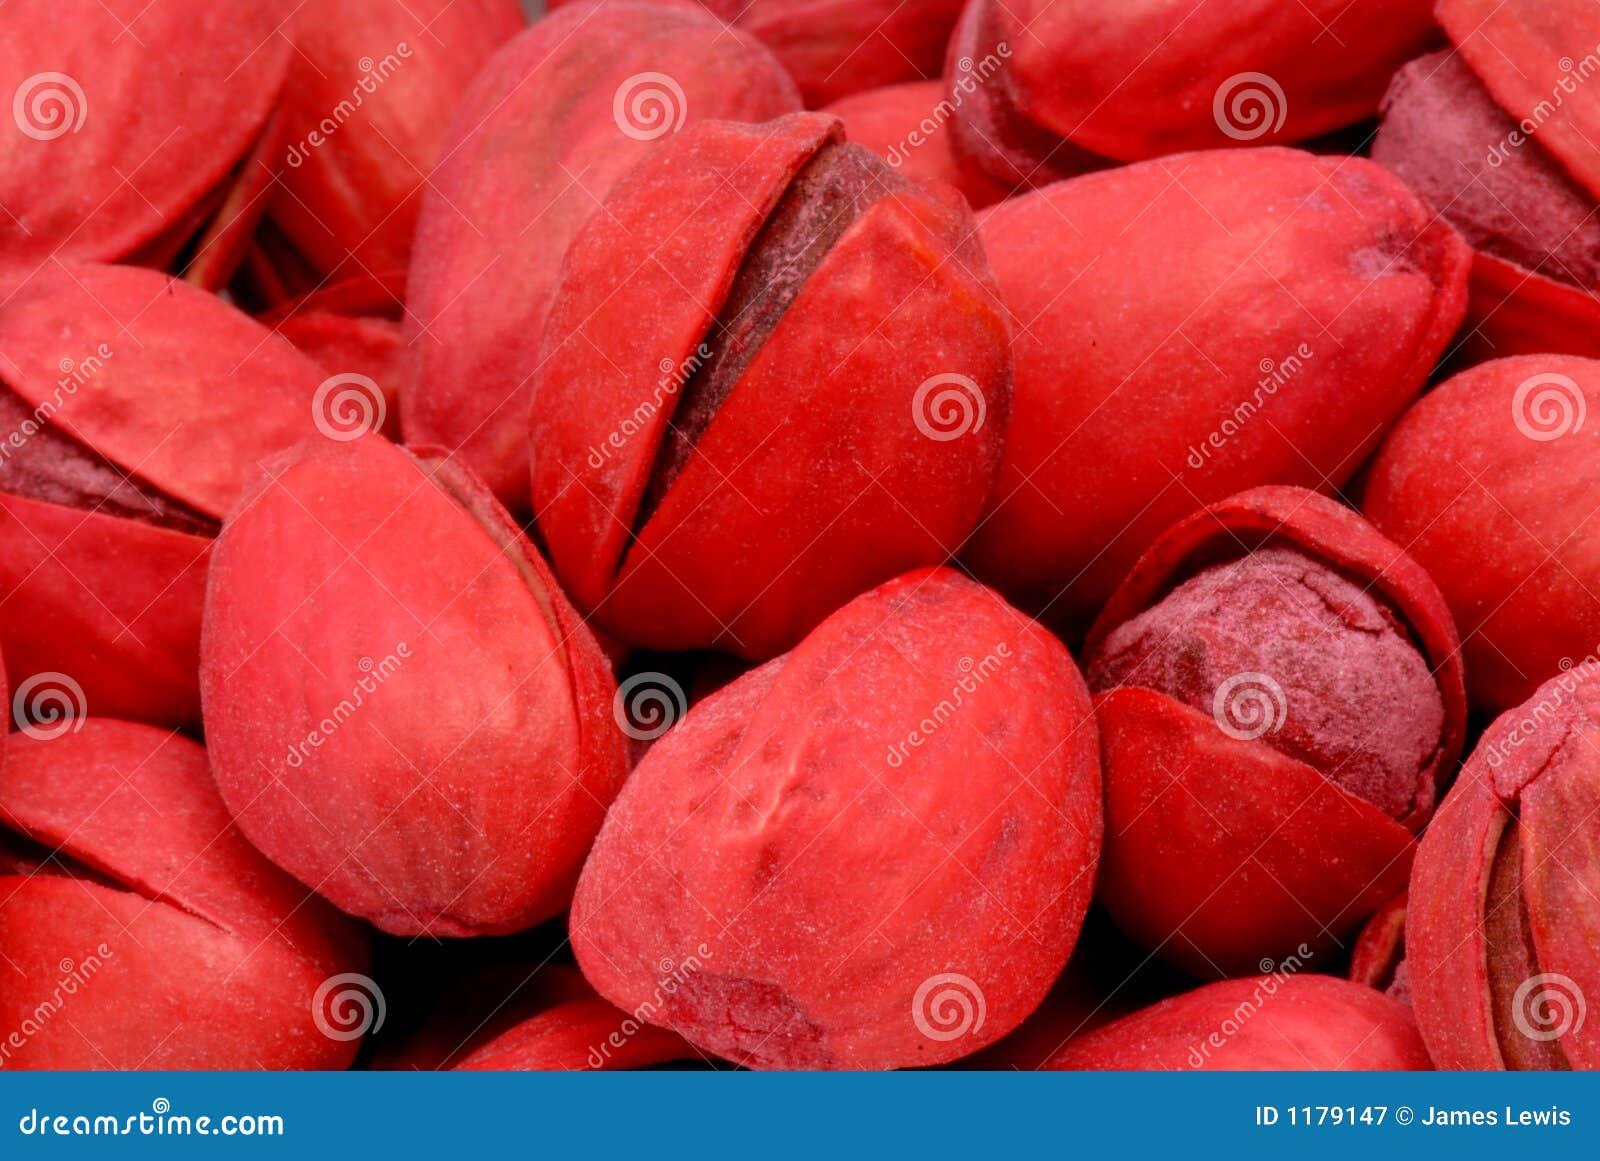 Pistaches rouges 1